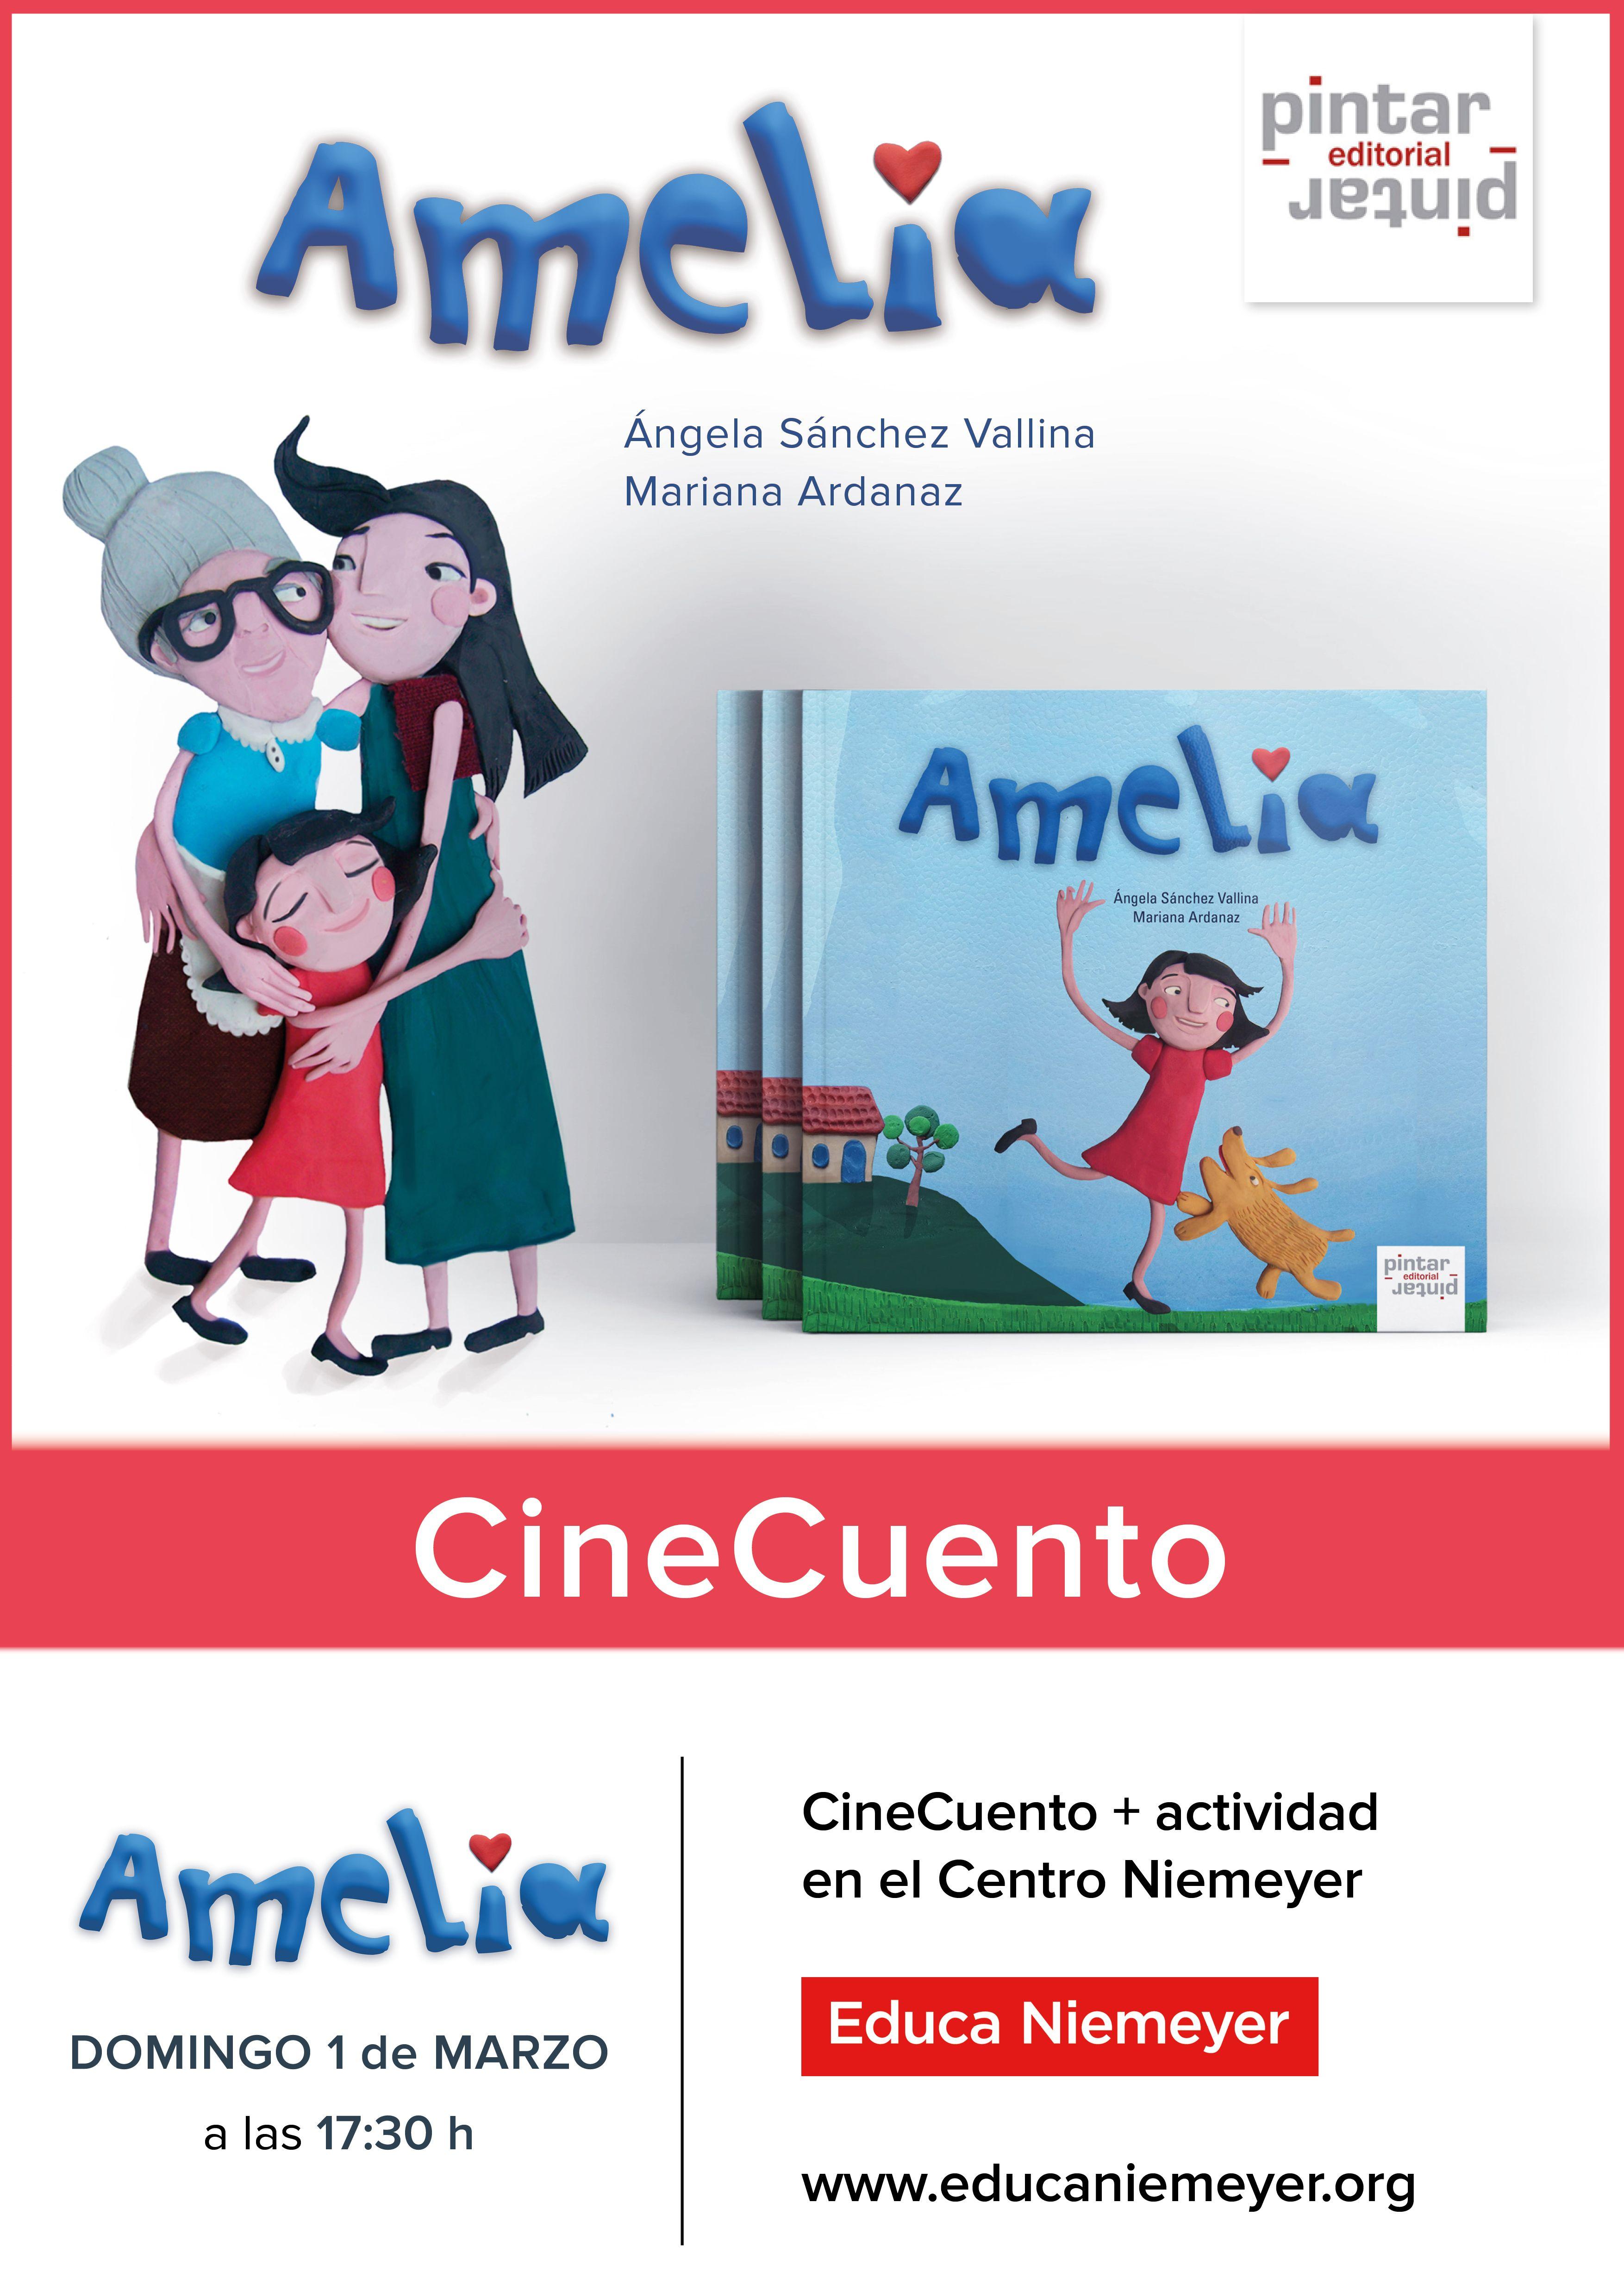 """CineCuentos """"Amelia"""" - Animación Lectora -  ¿En qué consiste un CineCuento Pintar-Pintar? En la proyección y lectura de las versiones digitales interactivas de nuestros títulos: las ilustraciones de nuestros libros en movimiento junto a la palabra en directo ¡todo un espectáculo divertido e interactivo!"""